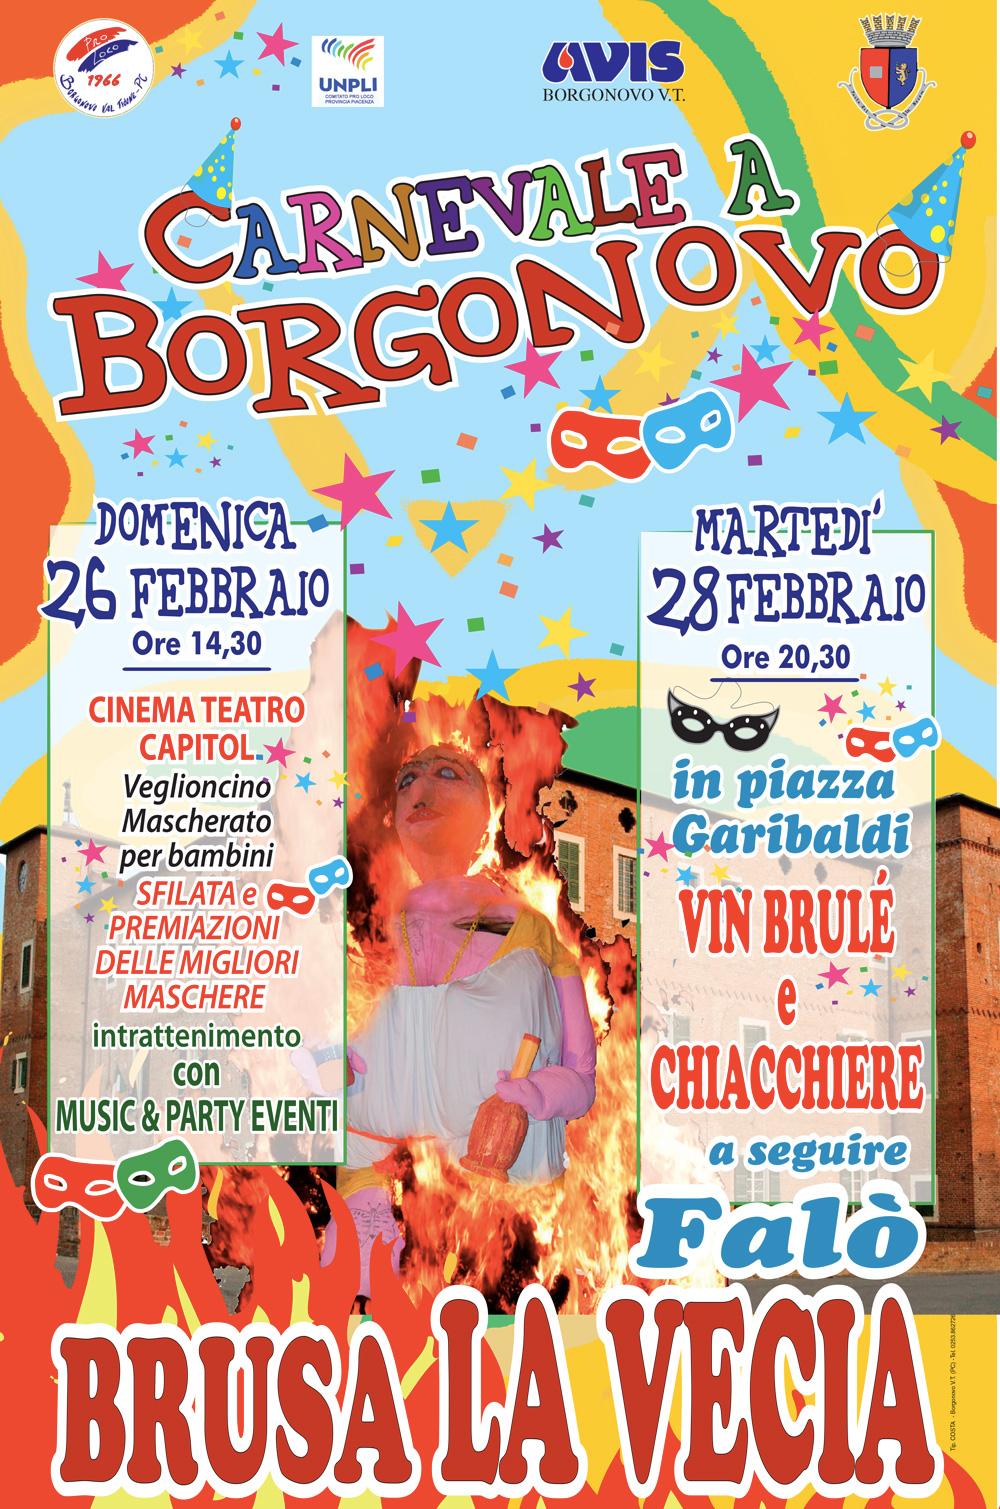 Carnevale Borgonovo Val Tidone 2017